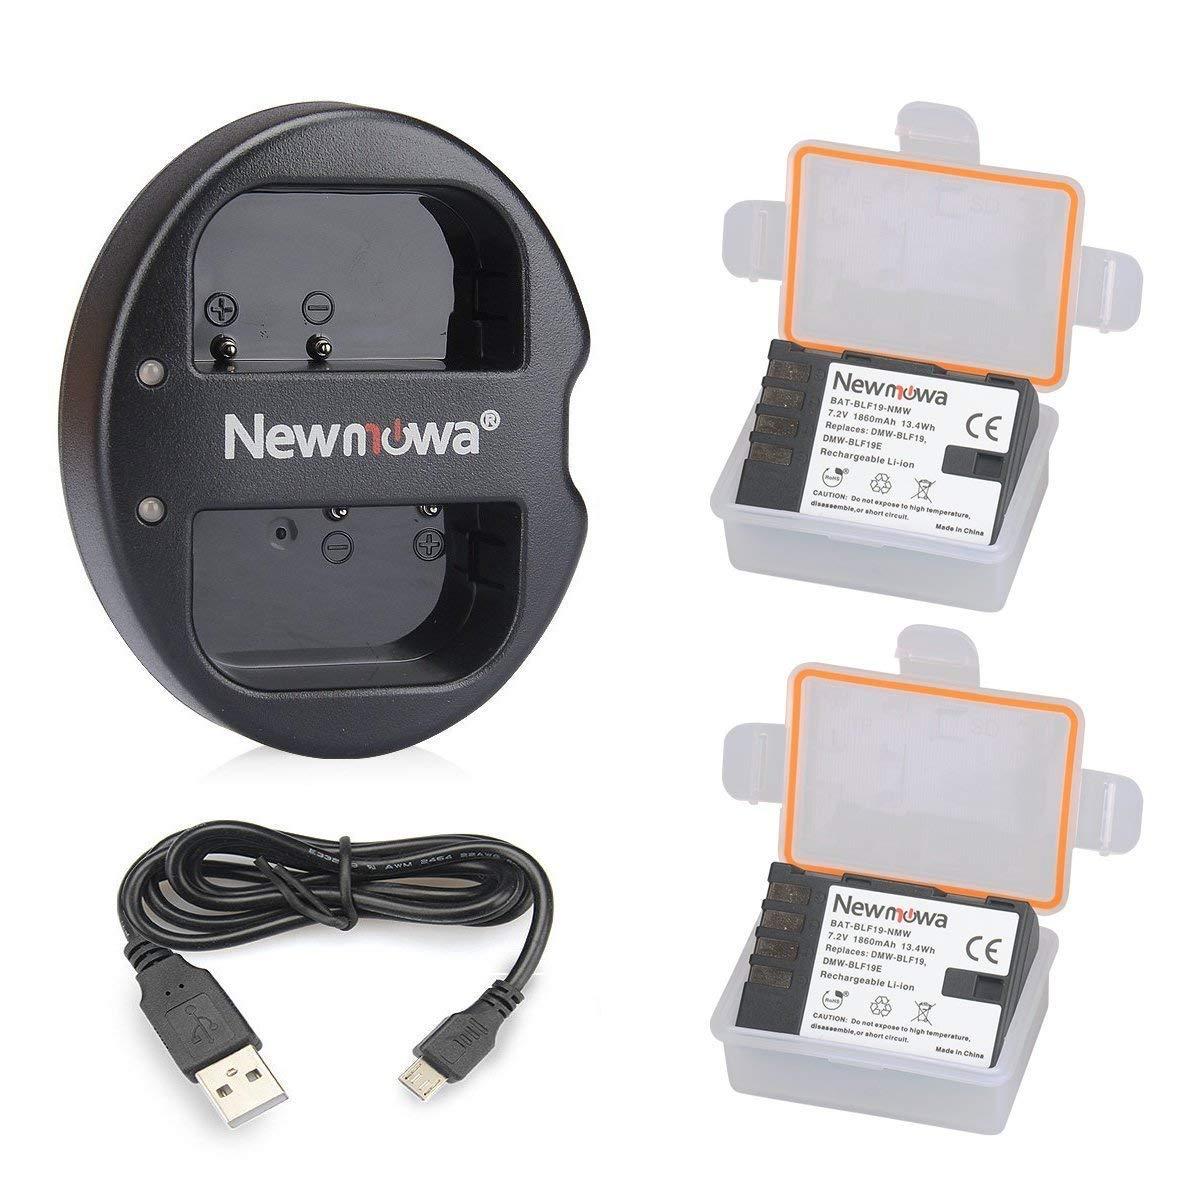 Newmowa DMW-BLF19 Battery (2 pack) and Dual USB Charger for Panasonic DMW-BLF19 and Panasonic DMW-BLF19E Panasonic DMC-GH5 DMC-GH3 DMC-GH3A DMC-GH3H DMC-GH4 DMC-GH4H DC-GH5S by Newmowa